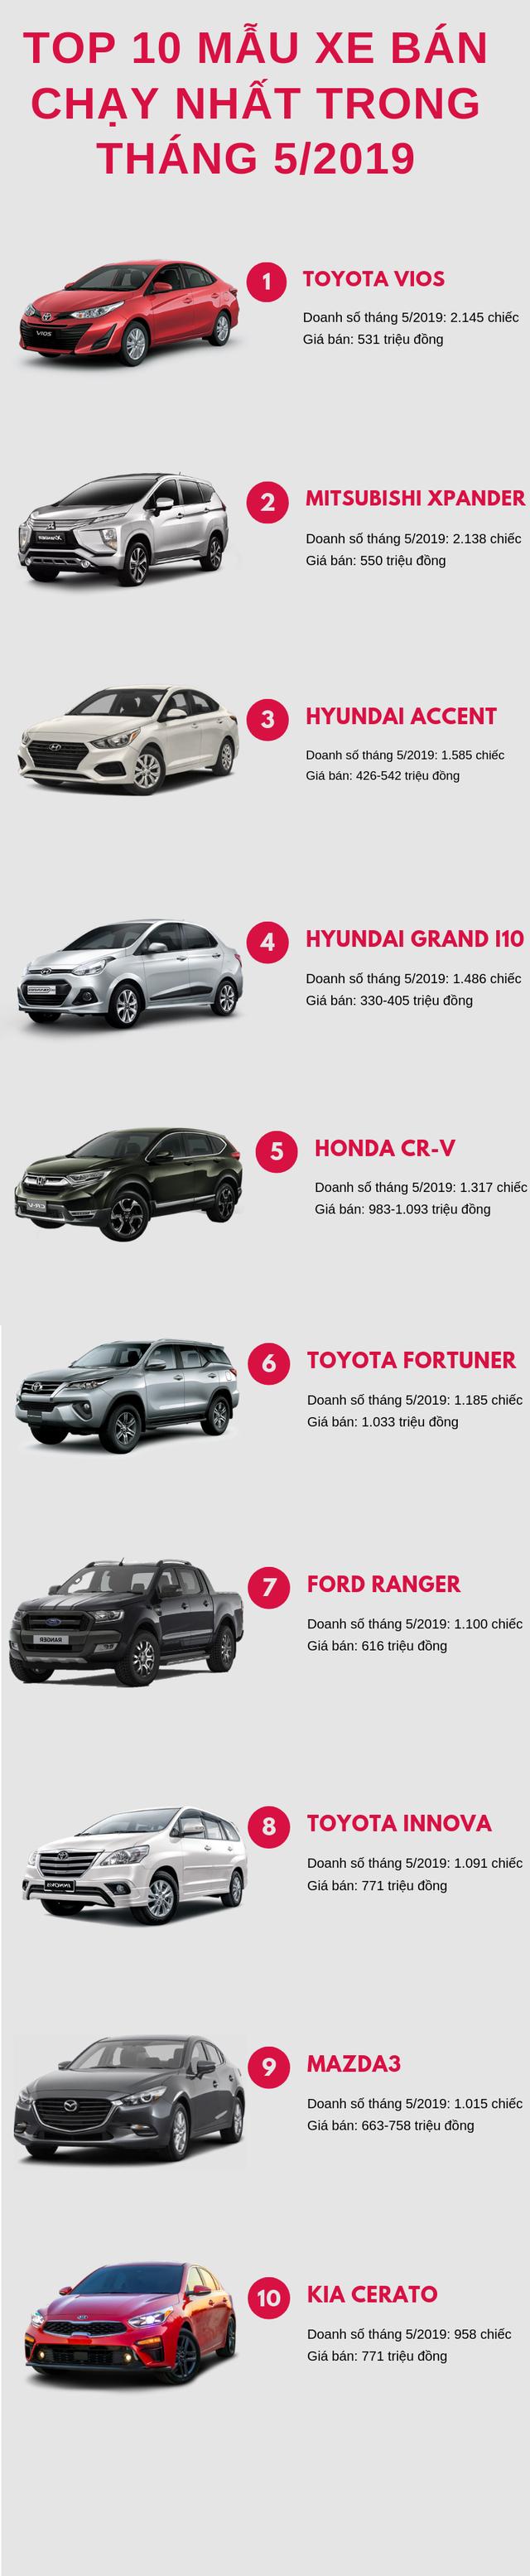 Top 10 xe bán chạy nhất tháng 5/2019: Sự bứt phá ngoạn mục của Mitsubishi Xpander - Ảnh 1.